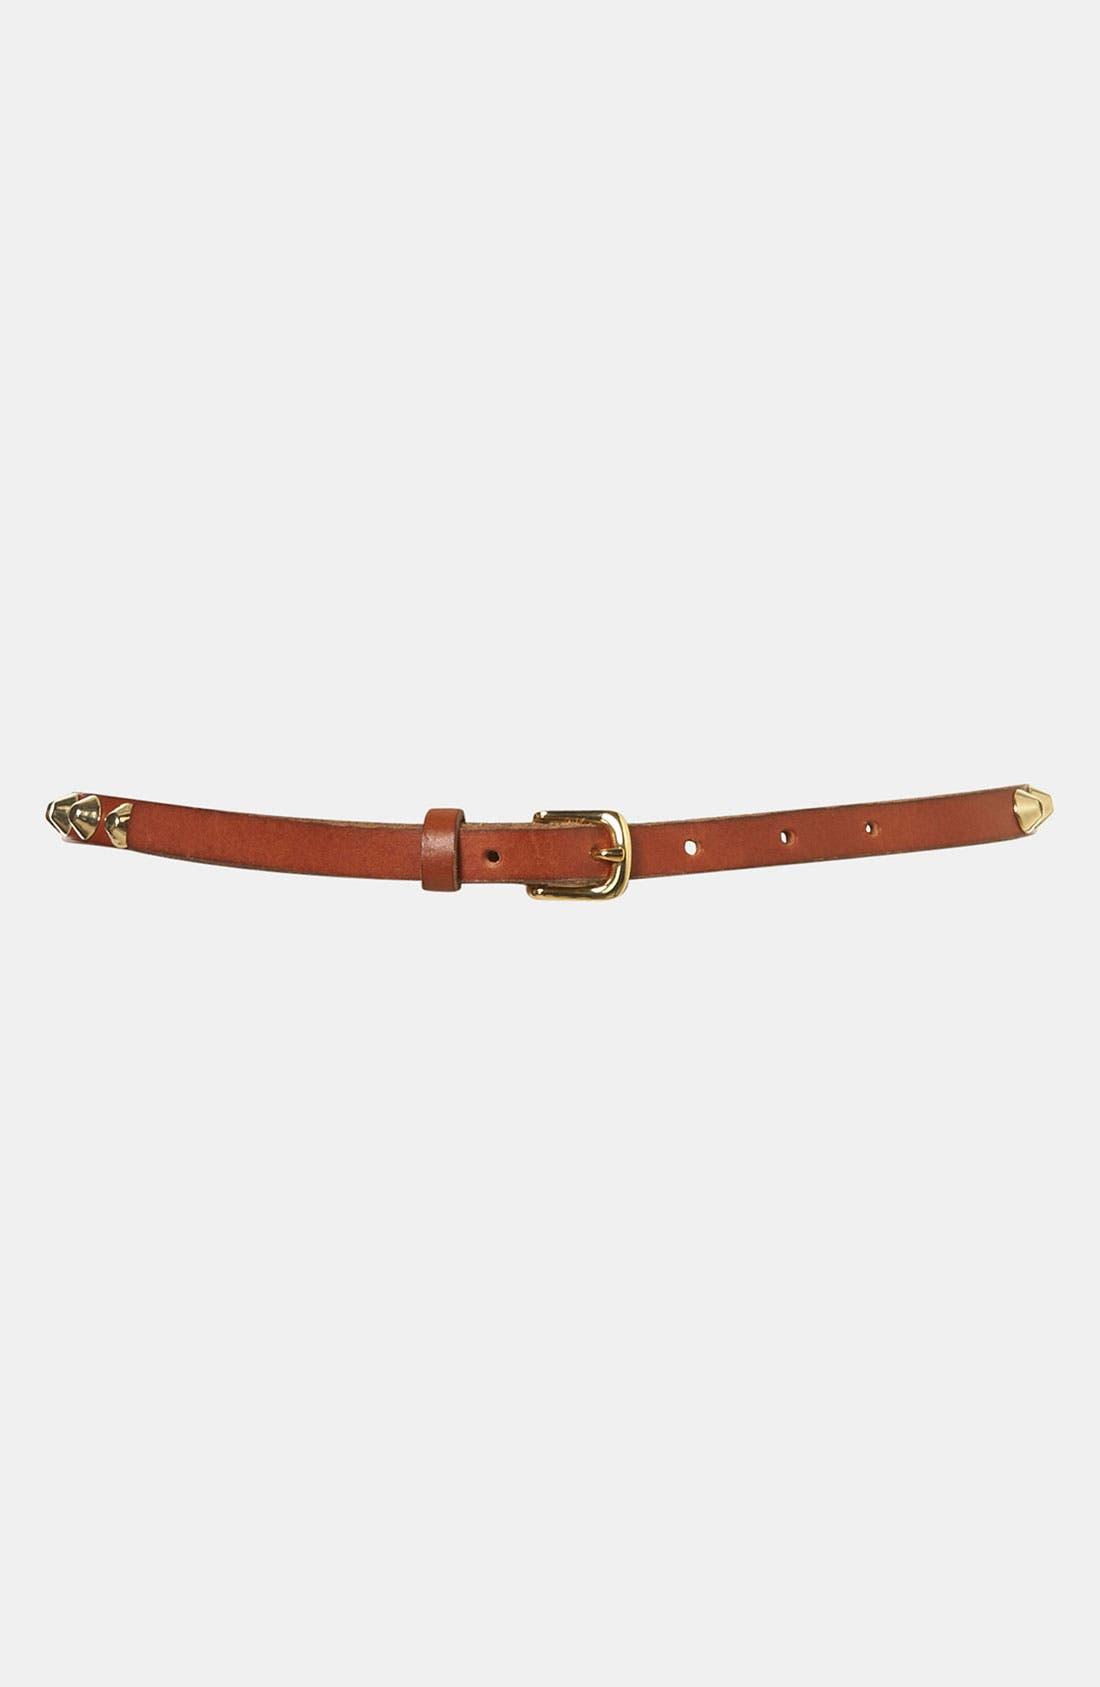 Alternate Image 1 Selected - Topshop 'Grunge' Studded Leather Belt